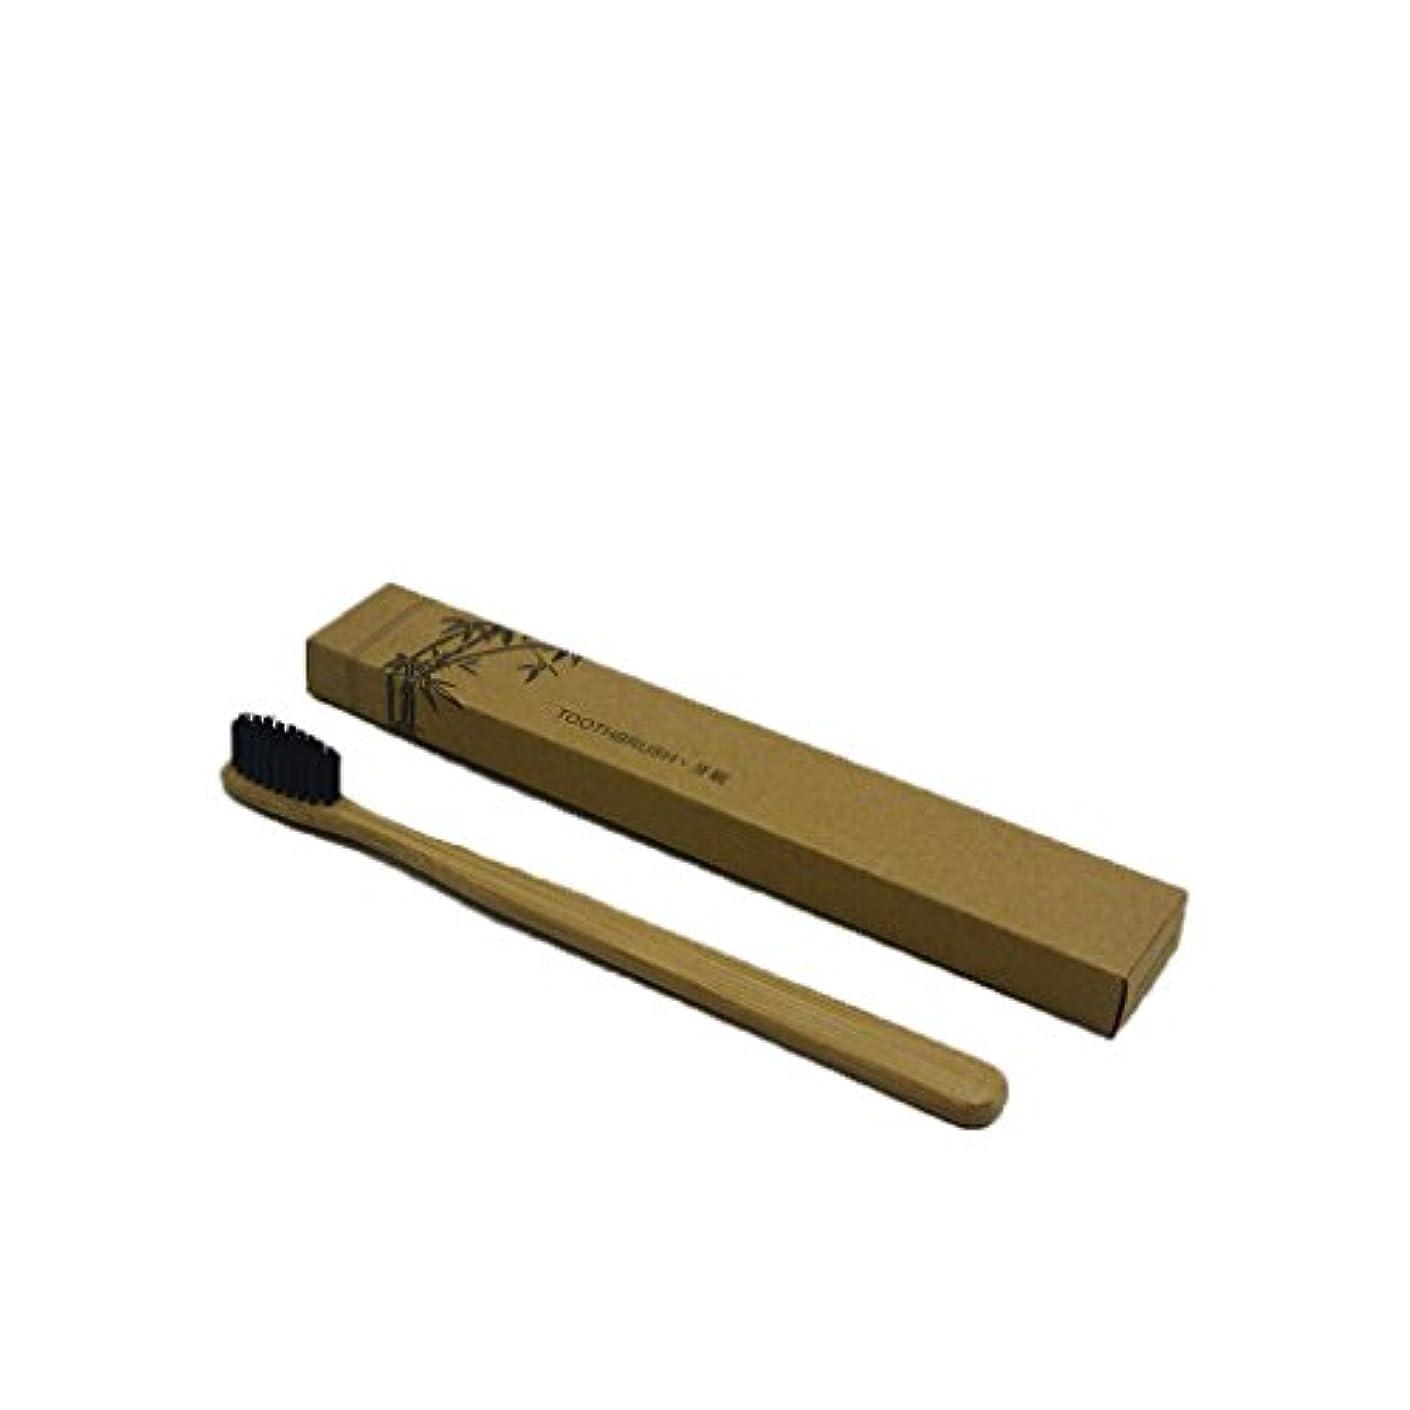 減衰風景進化するArichops 竹製歯ブラシ ミディアム及びソフト、生分解性、ビーガン、バイオ、エコ、持続可能な木製ハンドル、ホワイトニング 歯 竹歯ブラシ